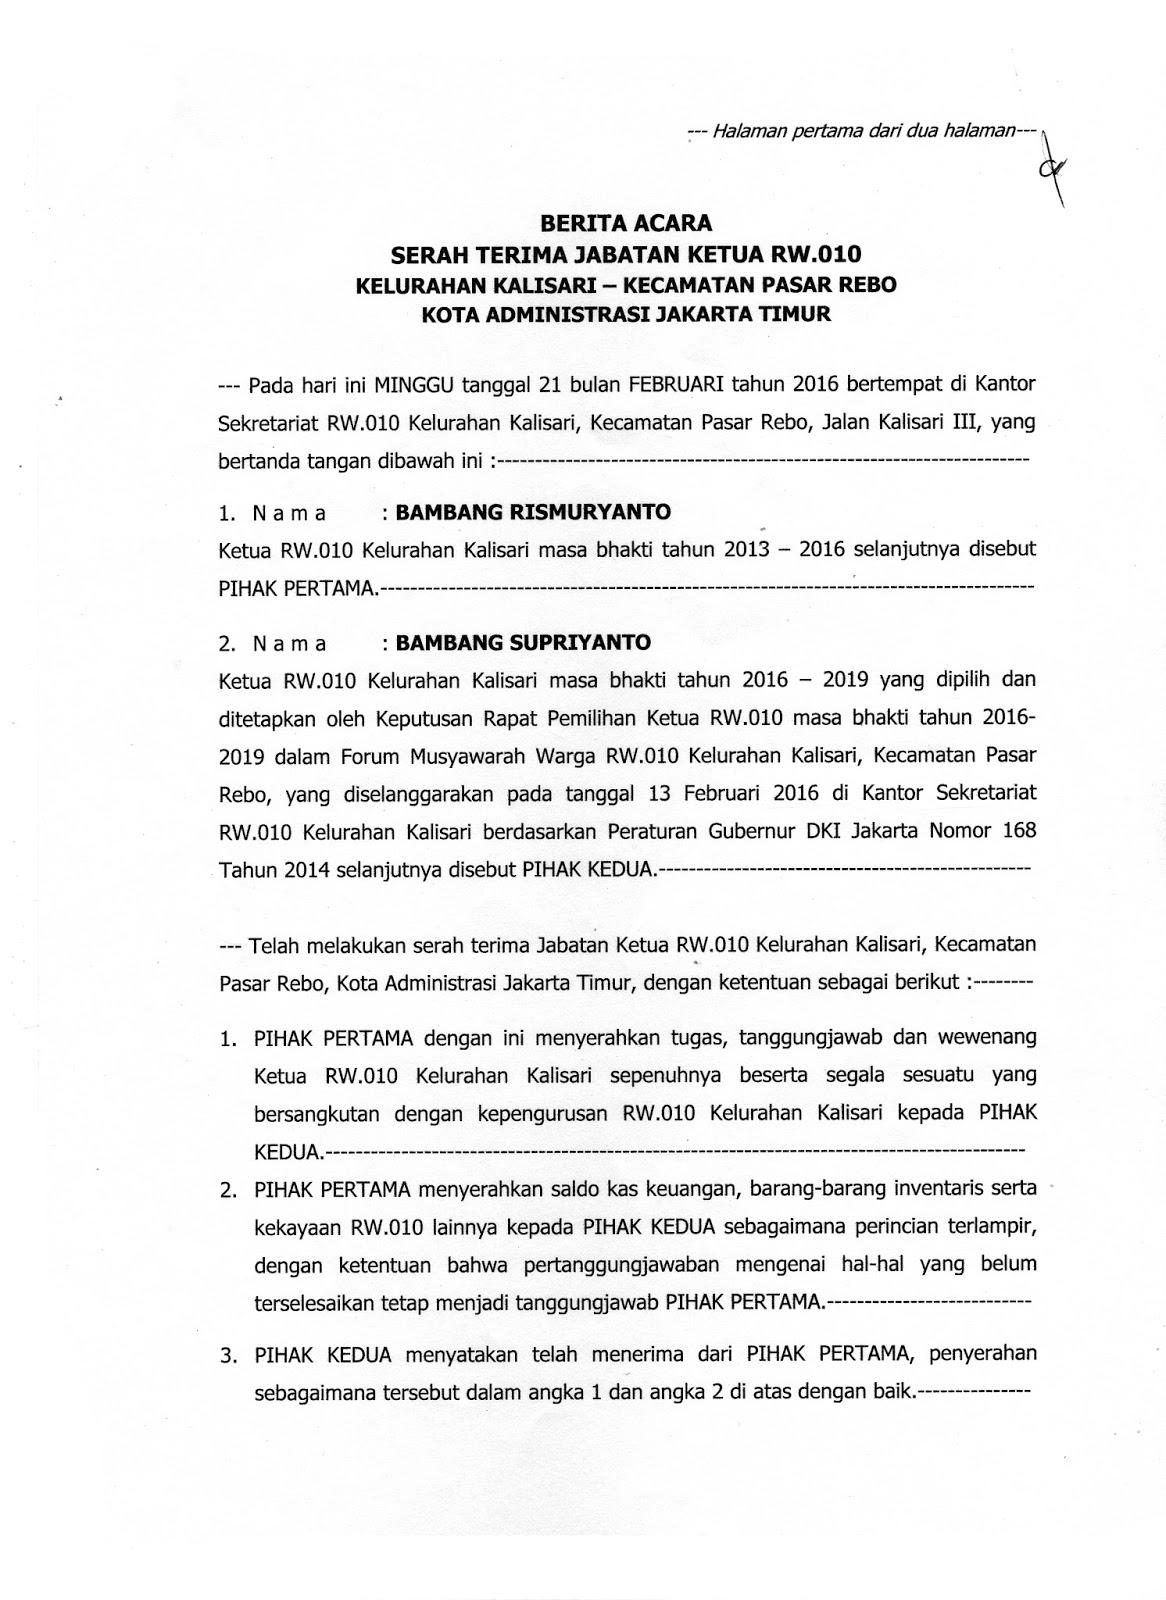 Rukun Warga 010 Kelurahan Kalisari Serah Terima Jabatan